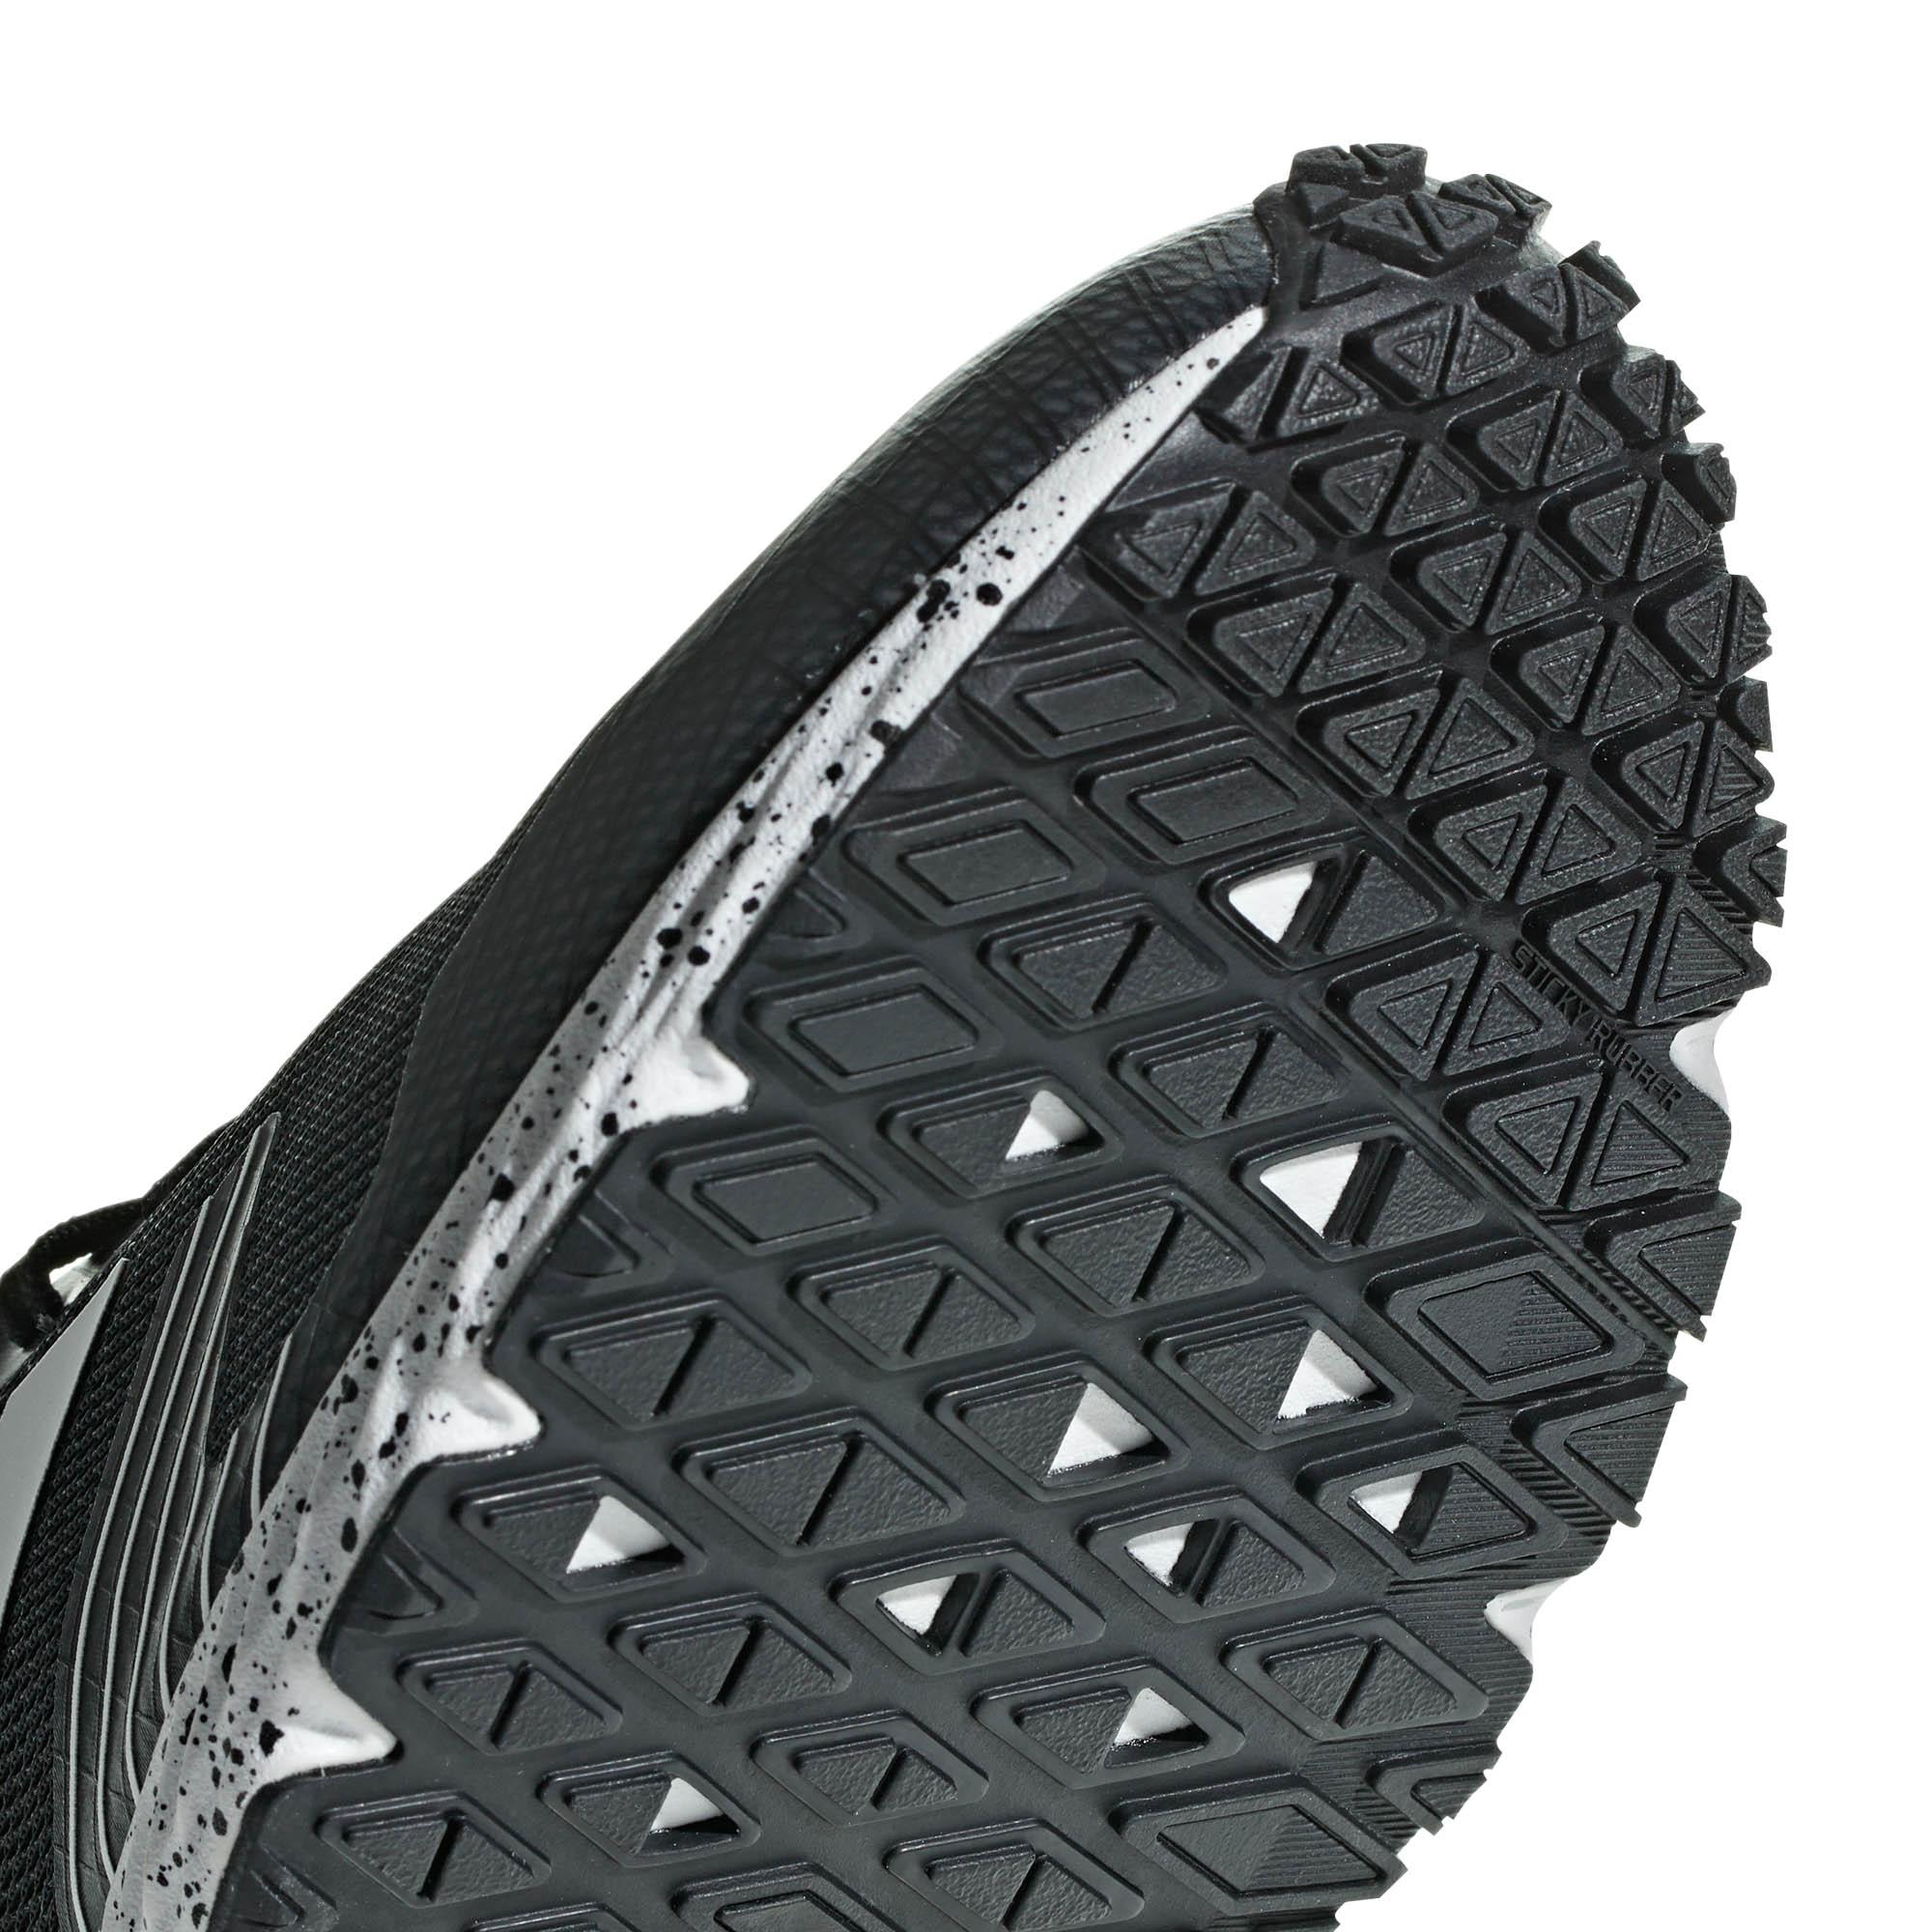 Adidas adizero rc mens neutrale in in in formatore scarpa nera | Area di specifica completa  91c69d